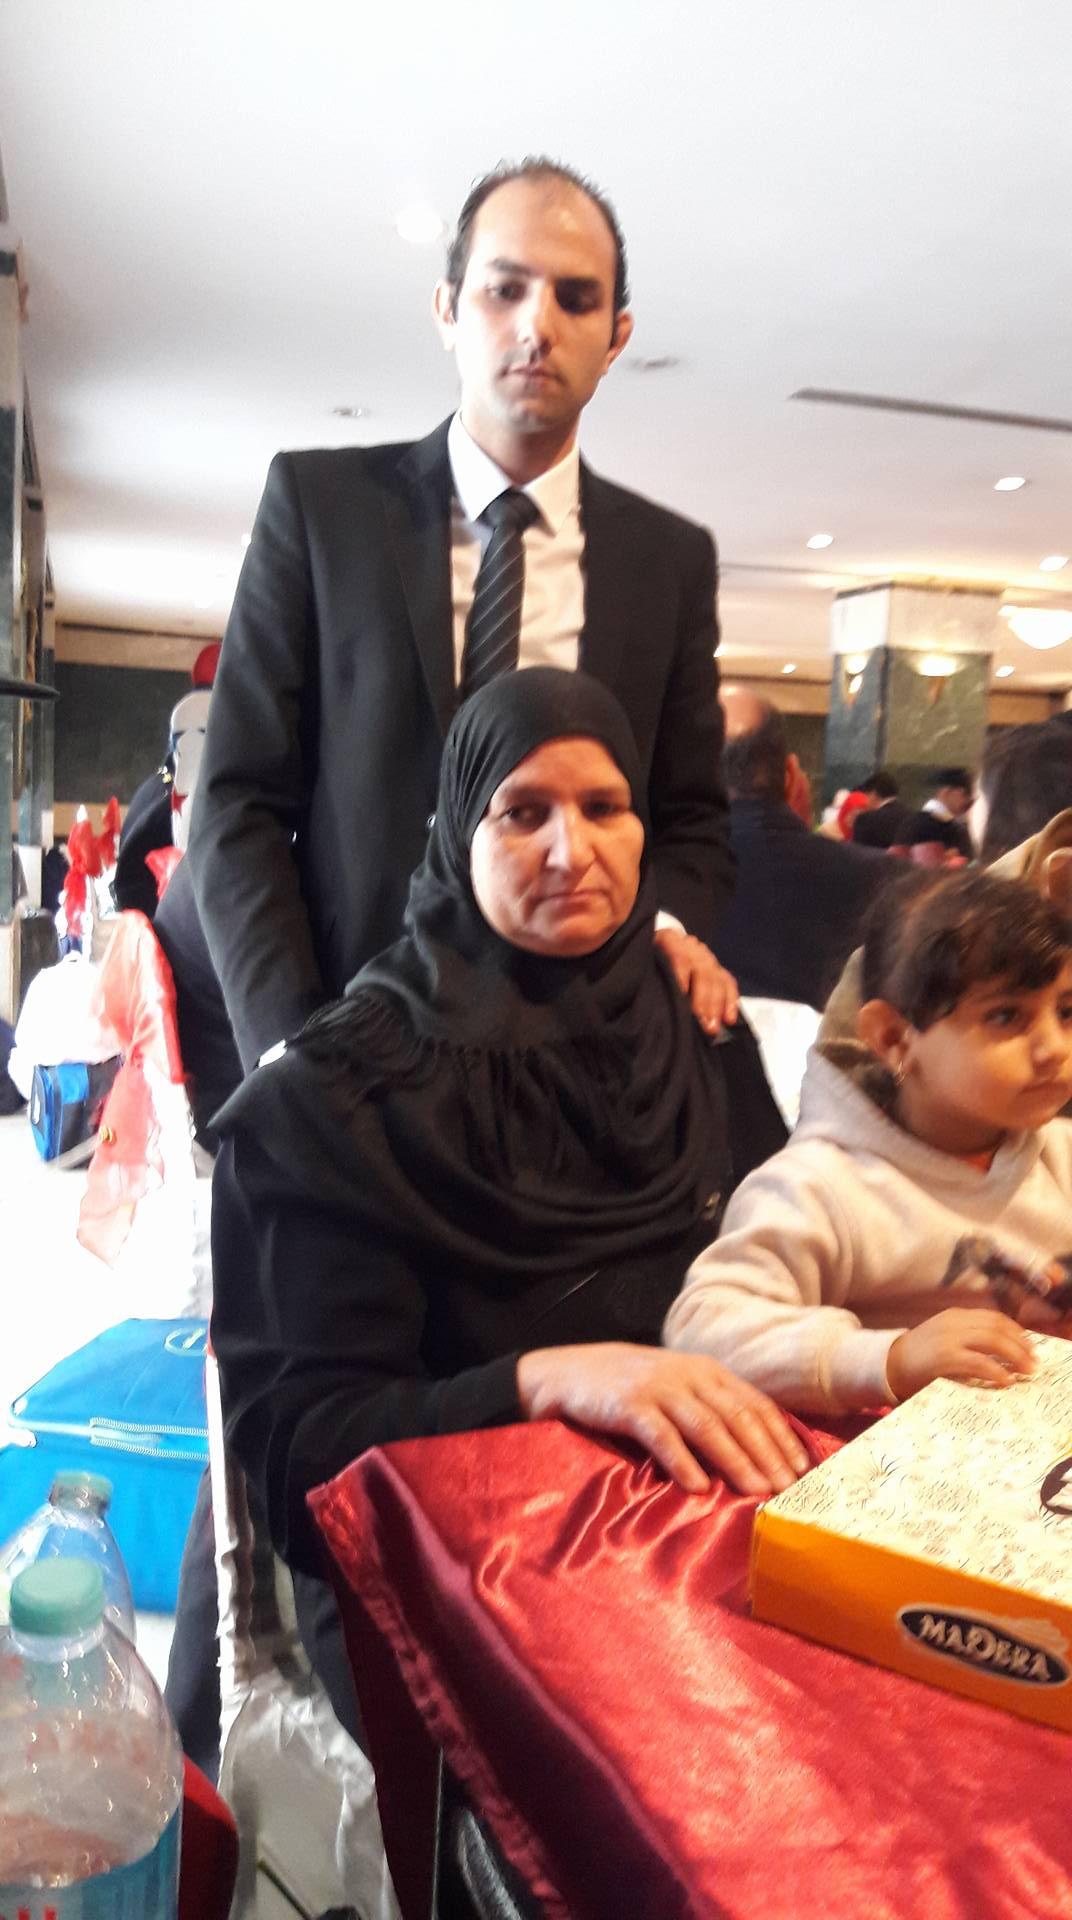 3 علاء خفاجى شقيق الشهيد محمد خفاجى ووالدته